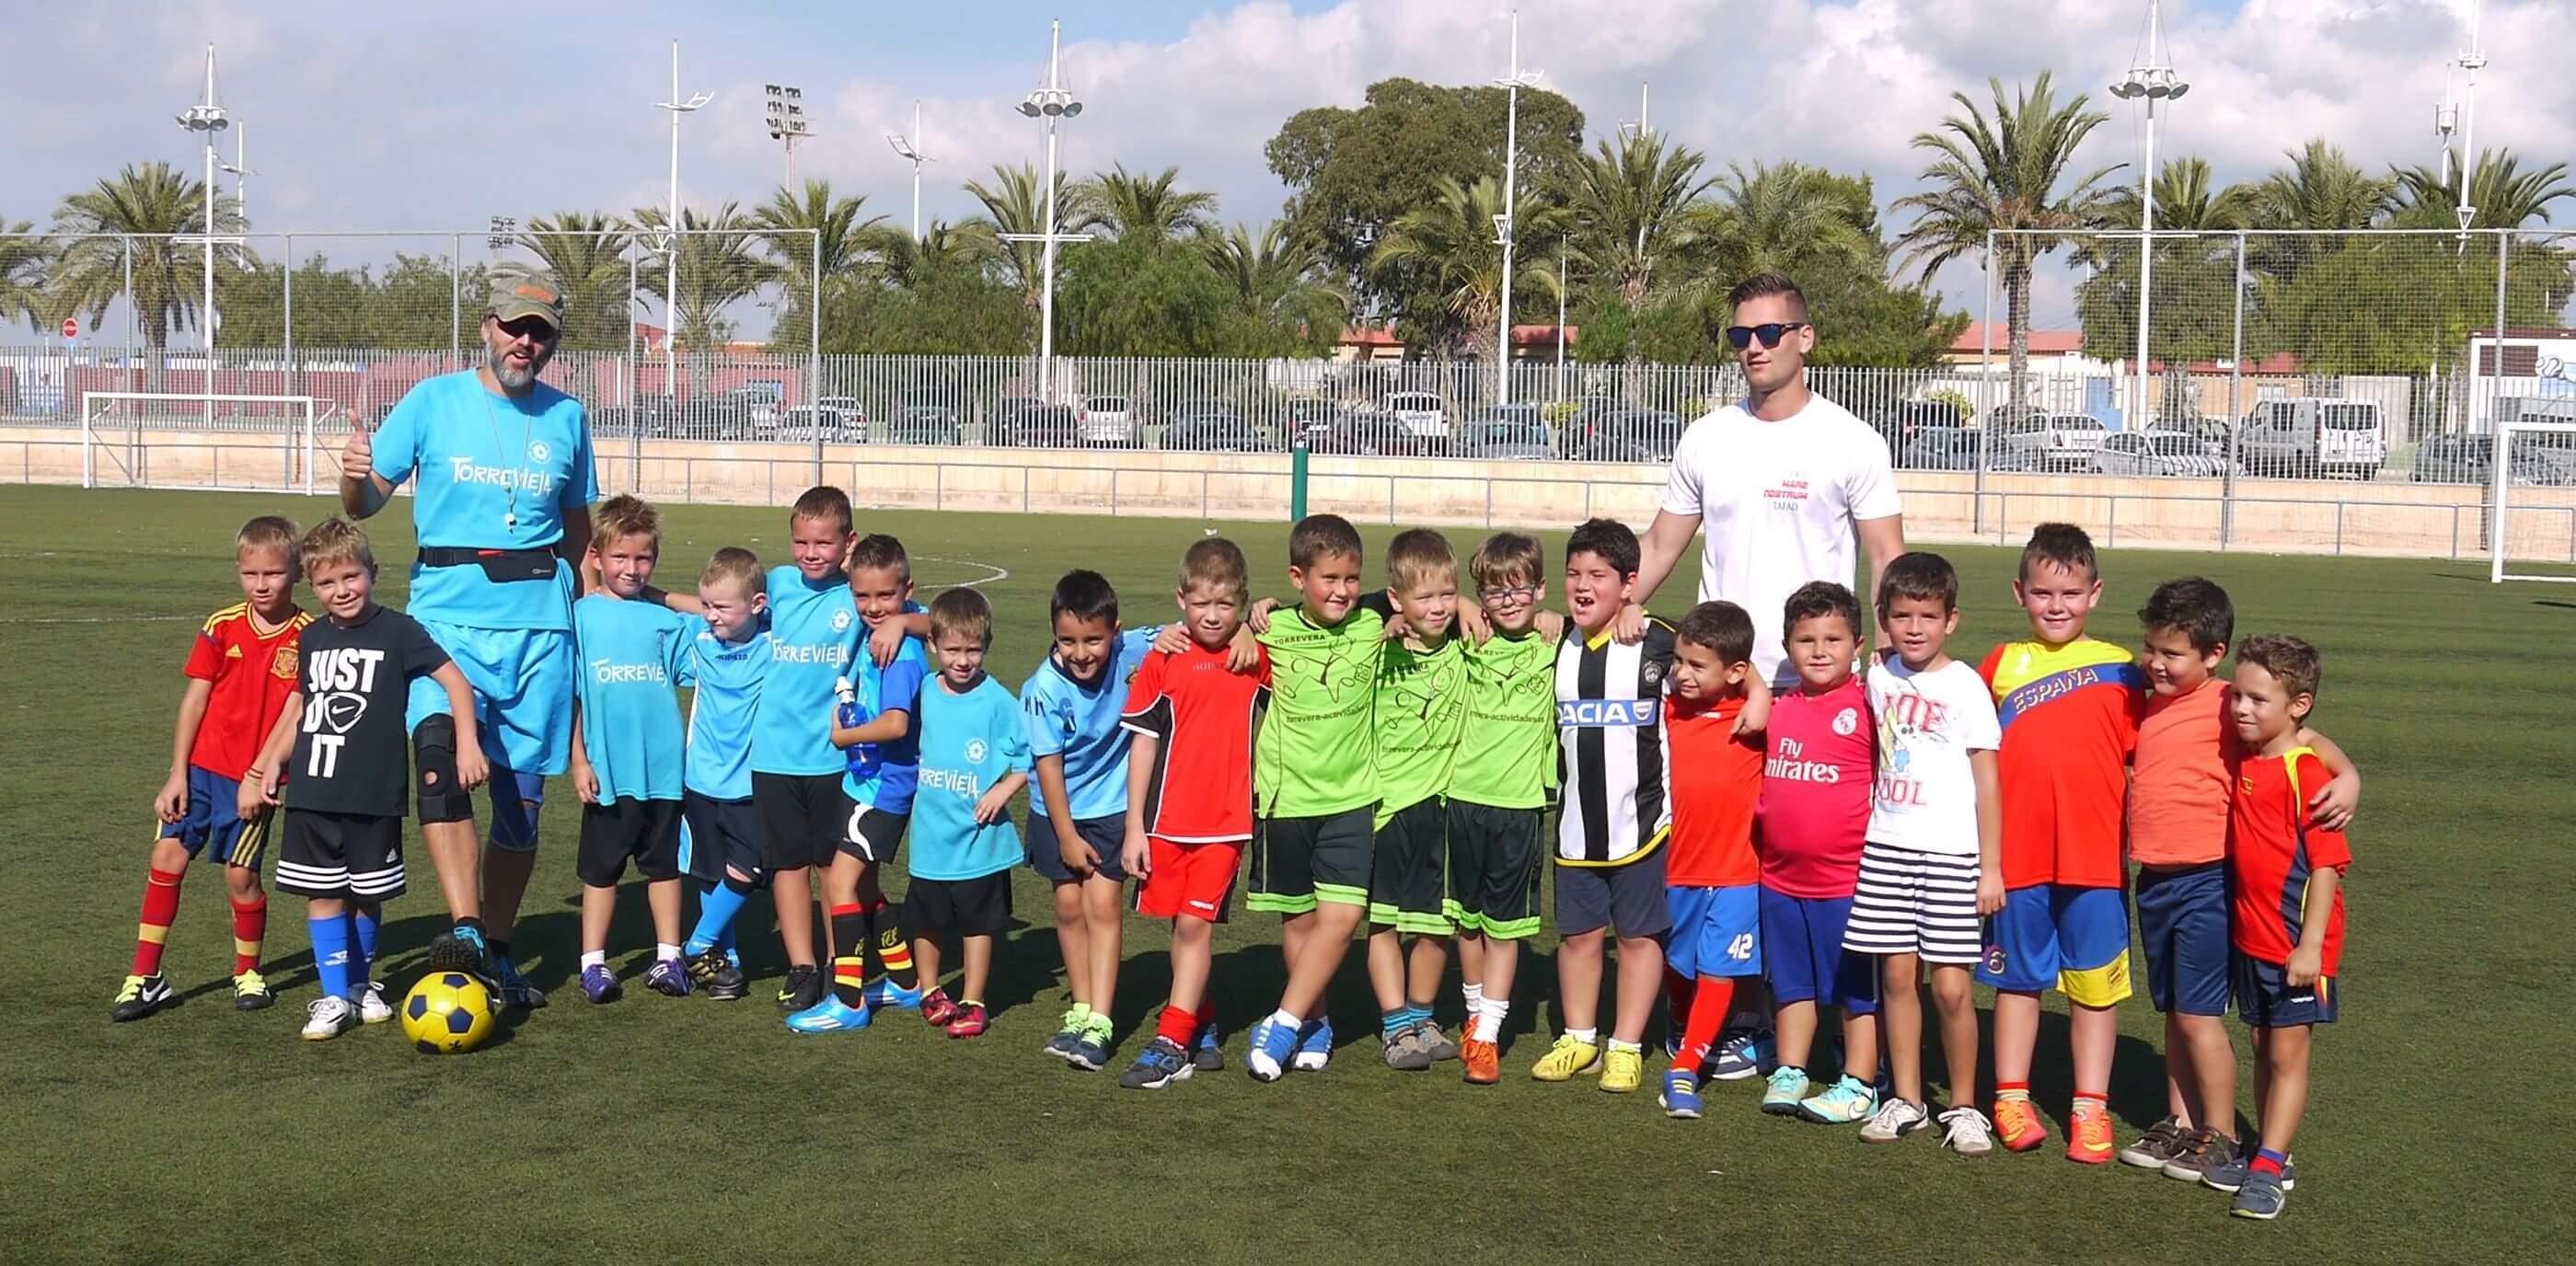 Академия футбола испании